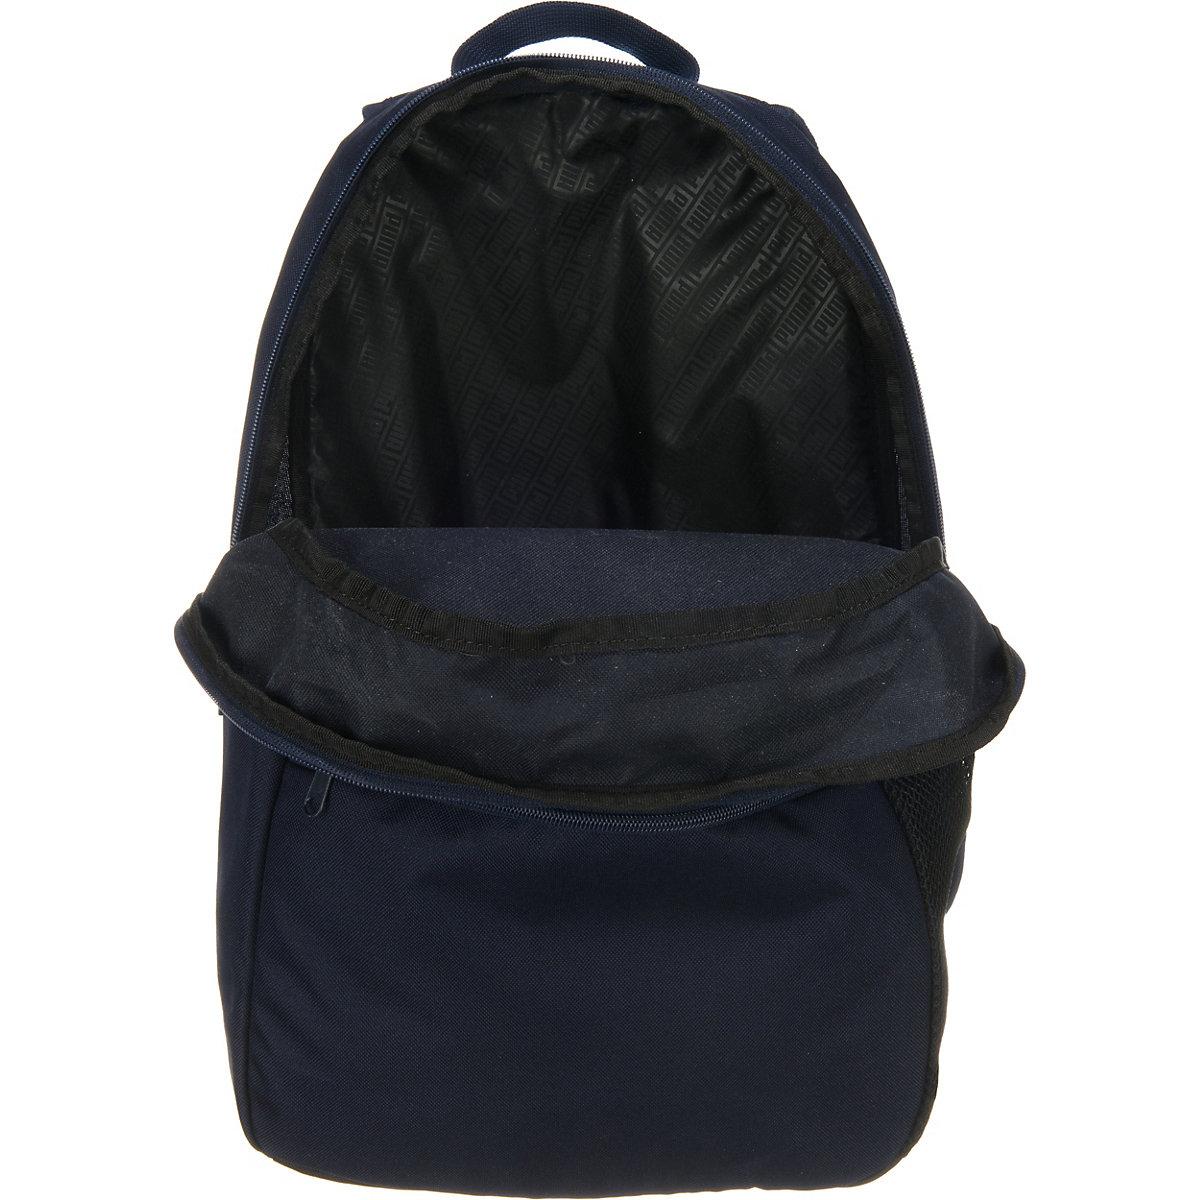 Puma, Schulrucksack Phase Backpack Ii 20l Für Jungen, Dunkelblau